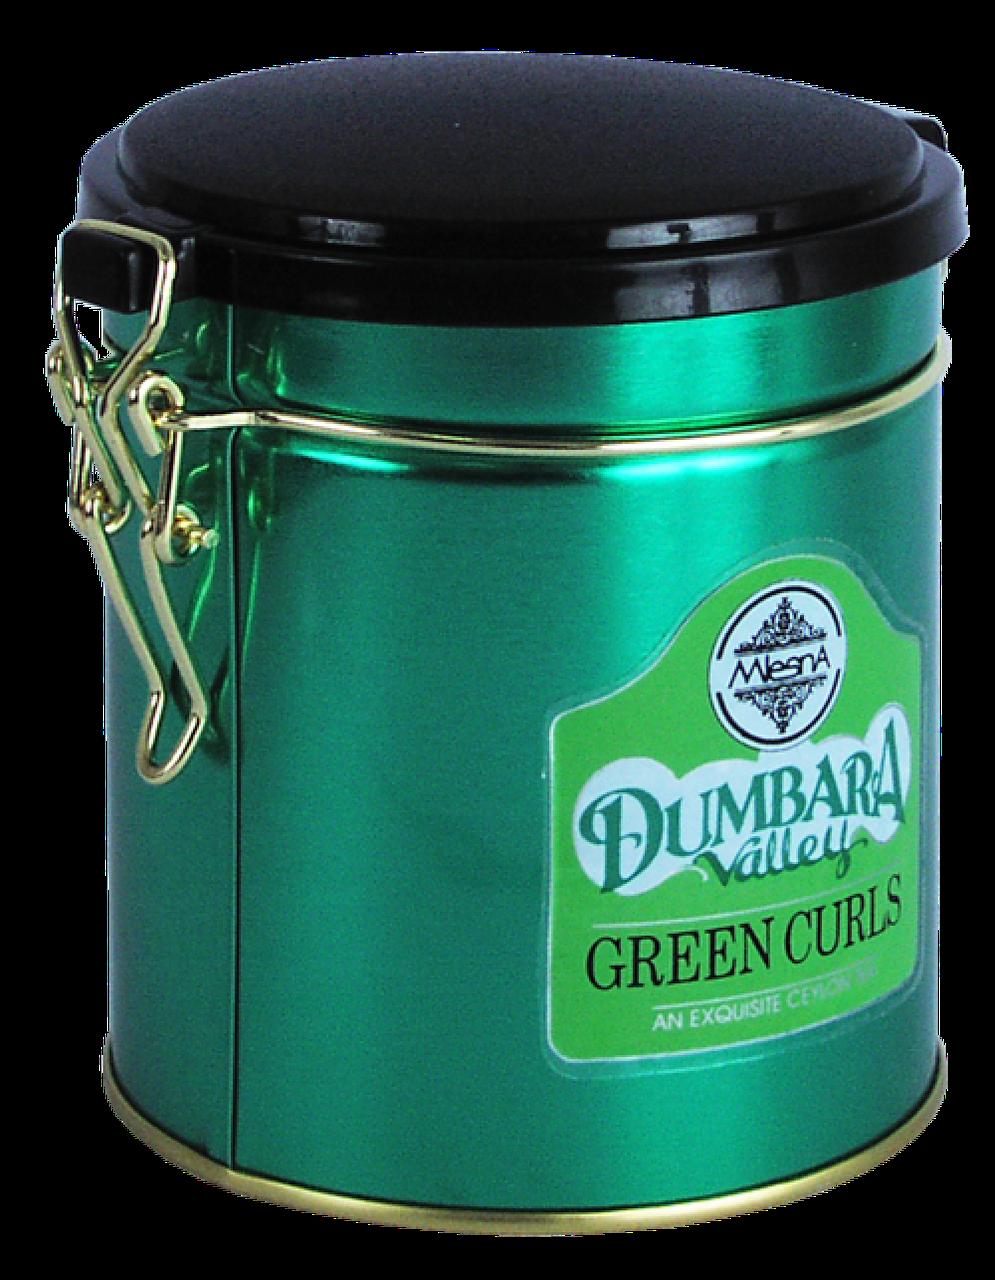 Зеленый чай Думбара, DUMBARA GREEN TEA, Млесна (Mlesna) 100г.